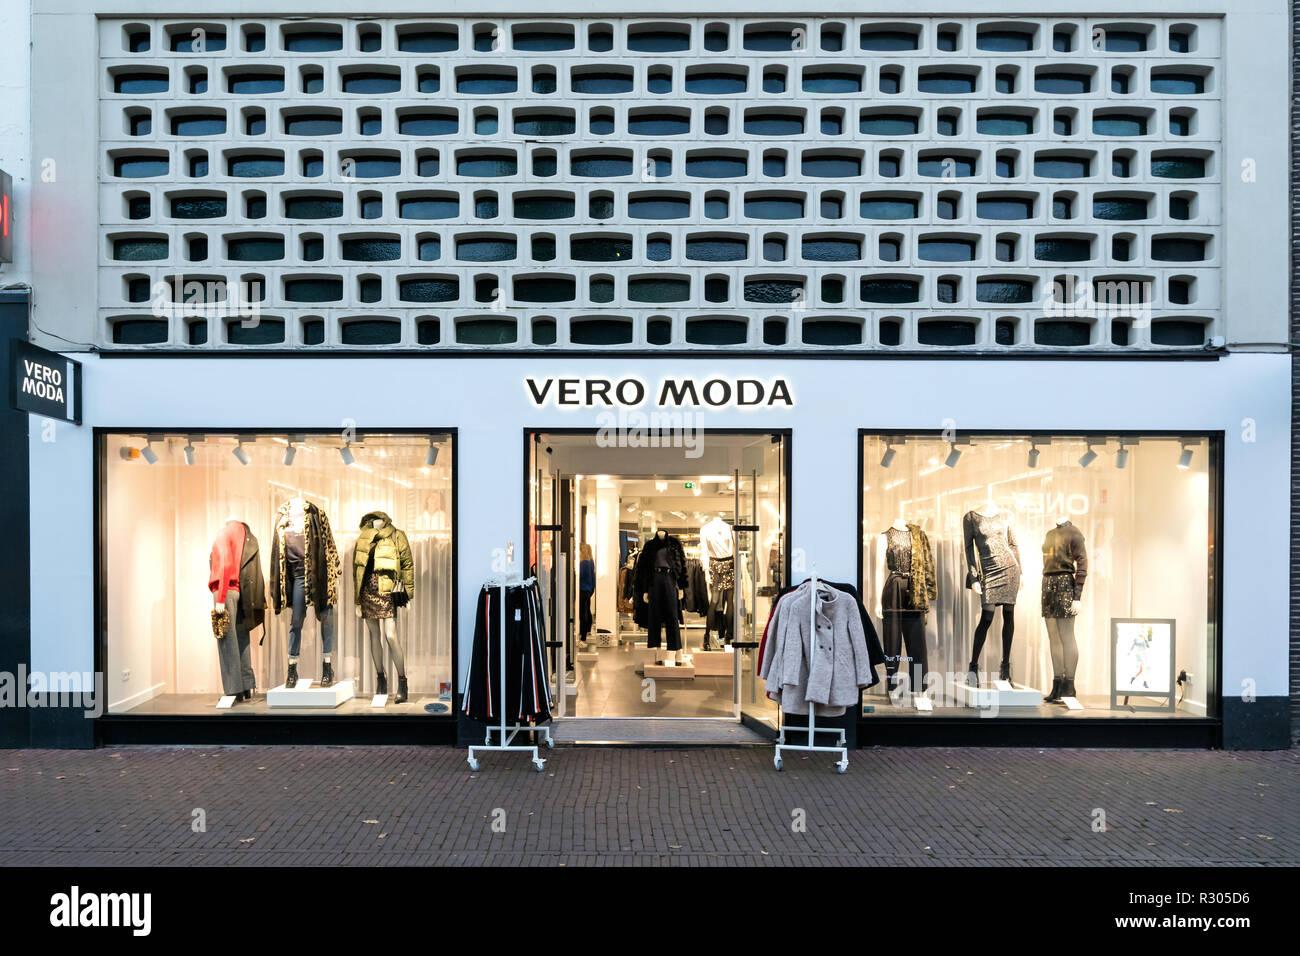 Vero Moda succursale in Sneek, Paesi Bassi. Vero Moda è un marchio di best-seller A/S è una società privata di proprietà di una famiglia Clothing Company con sede in Danimarca. Immagini Stock